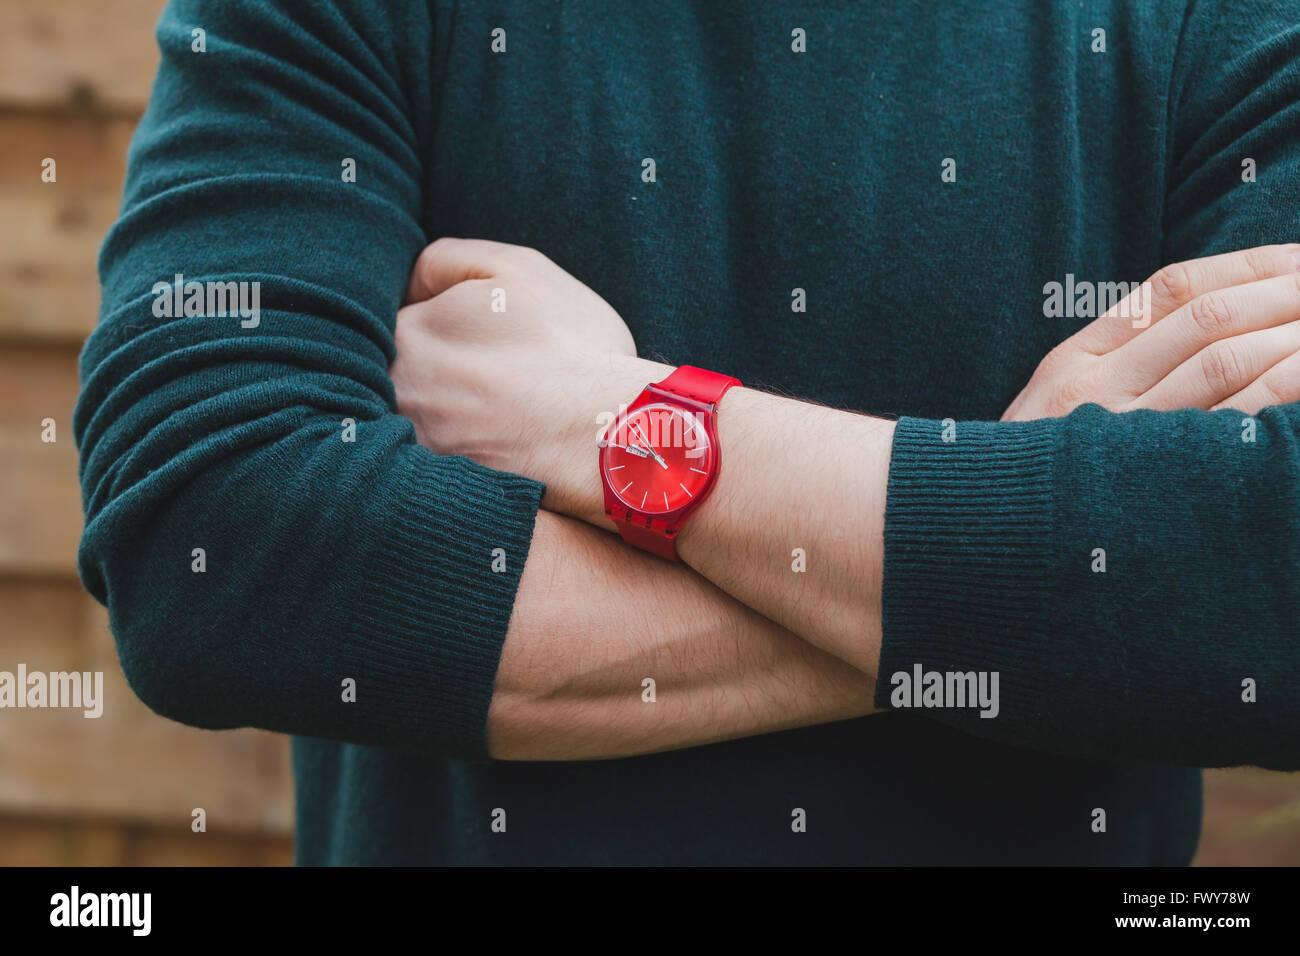 Mode de mens, près des mains d'hommes porter du rouge et vert, pull watch concept style Photo Stock